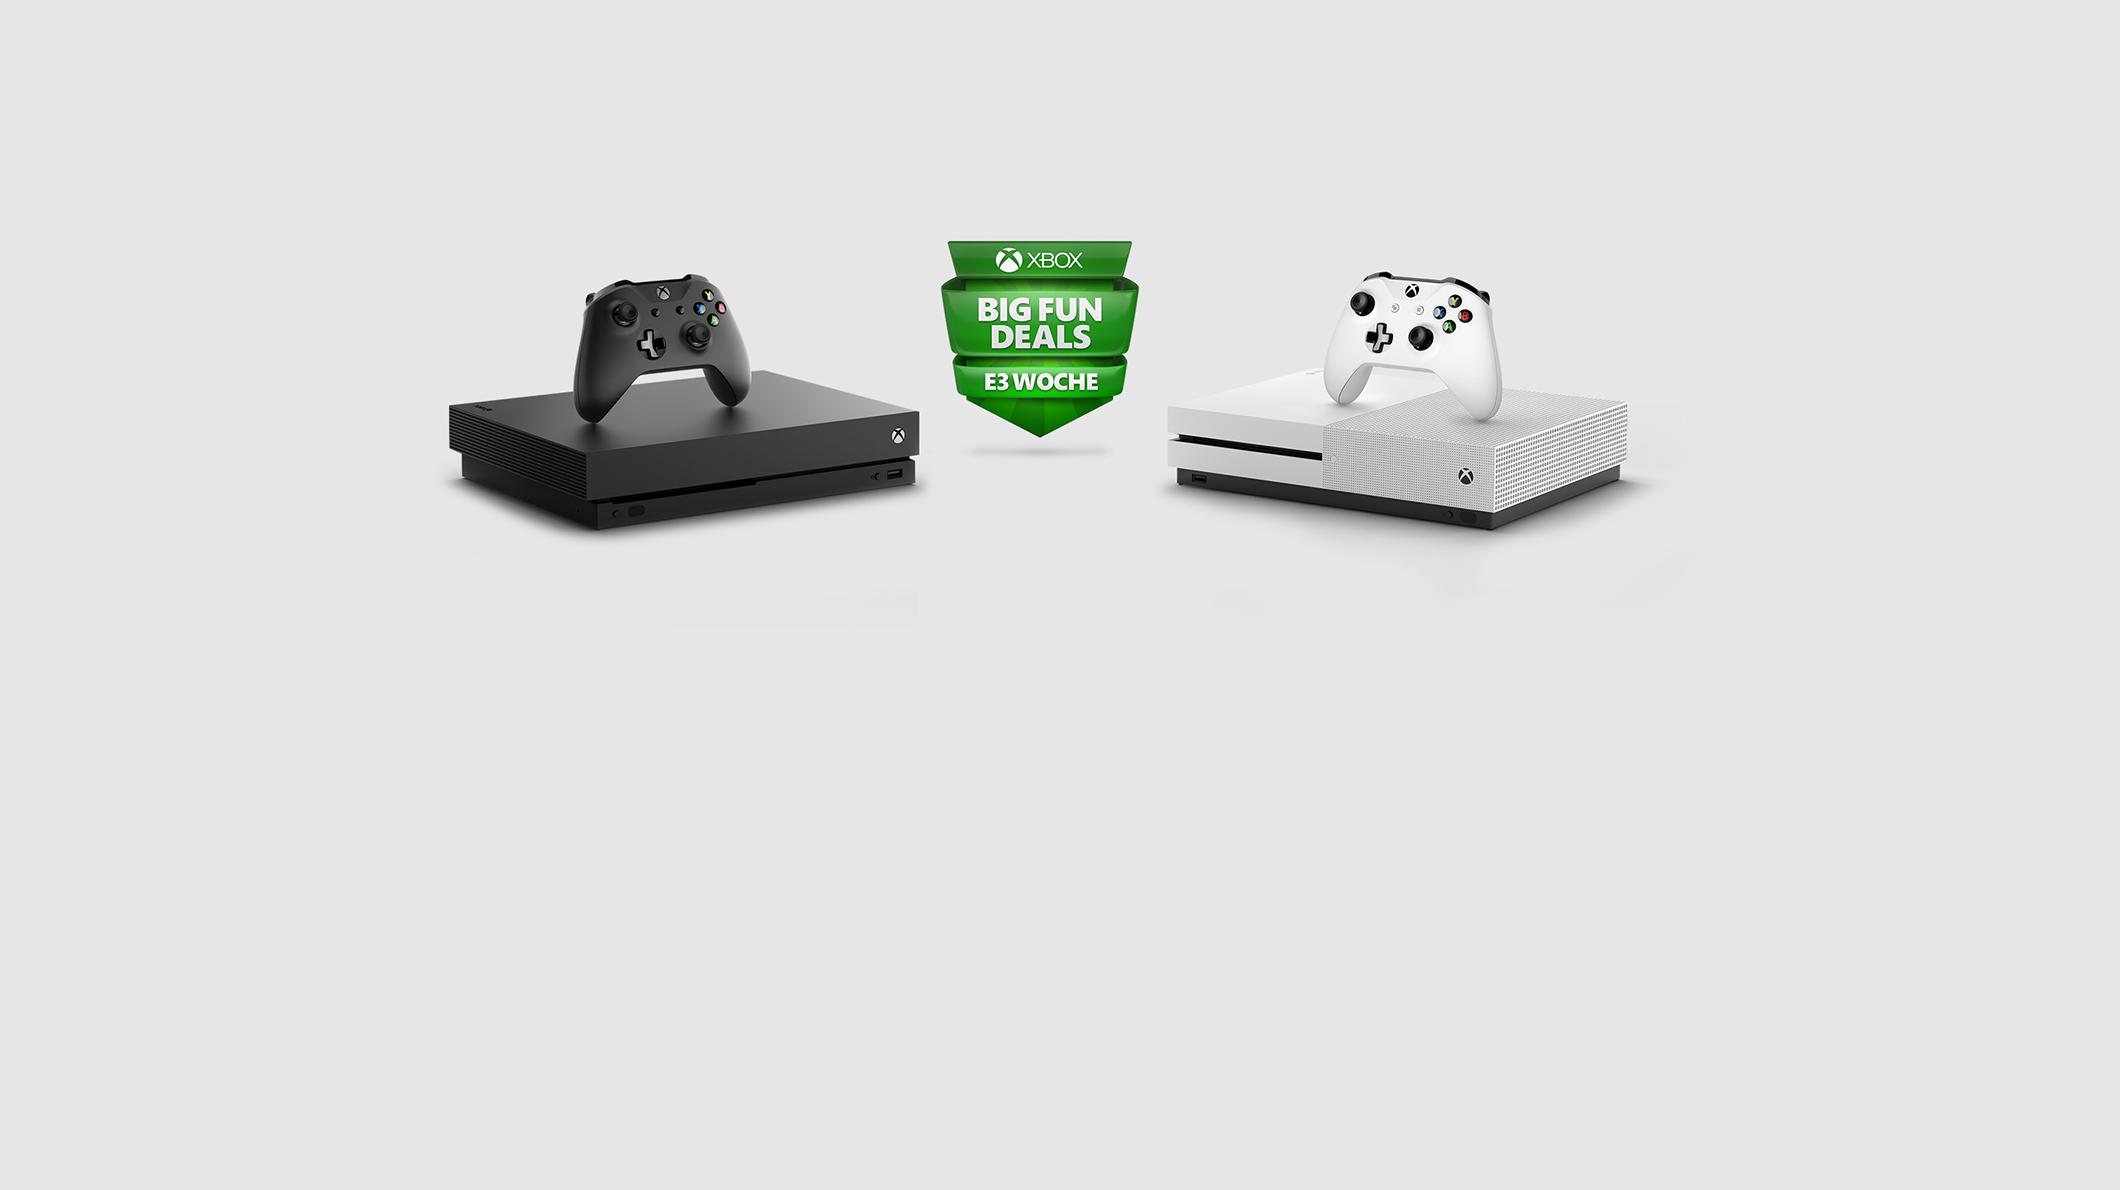 Eine Xbox One X, eine Xbox One S und zwei Controller